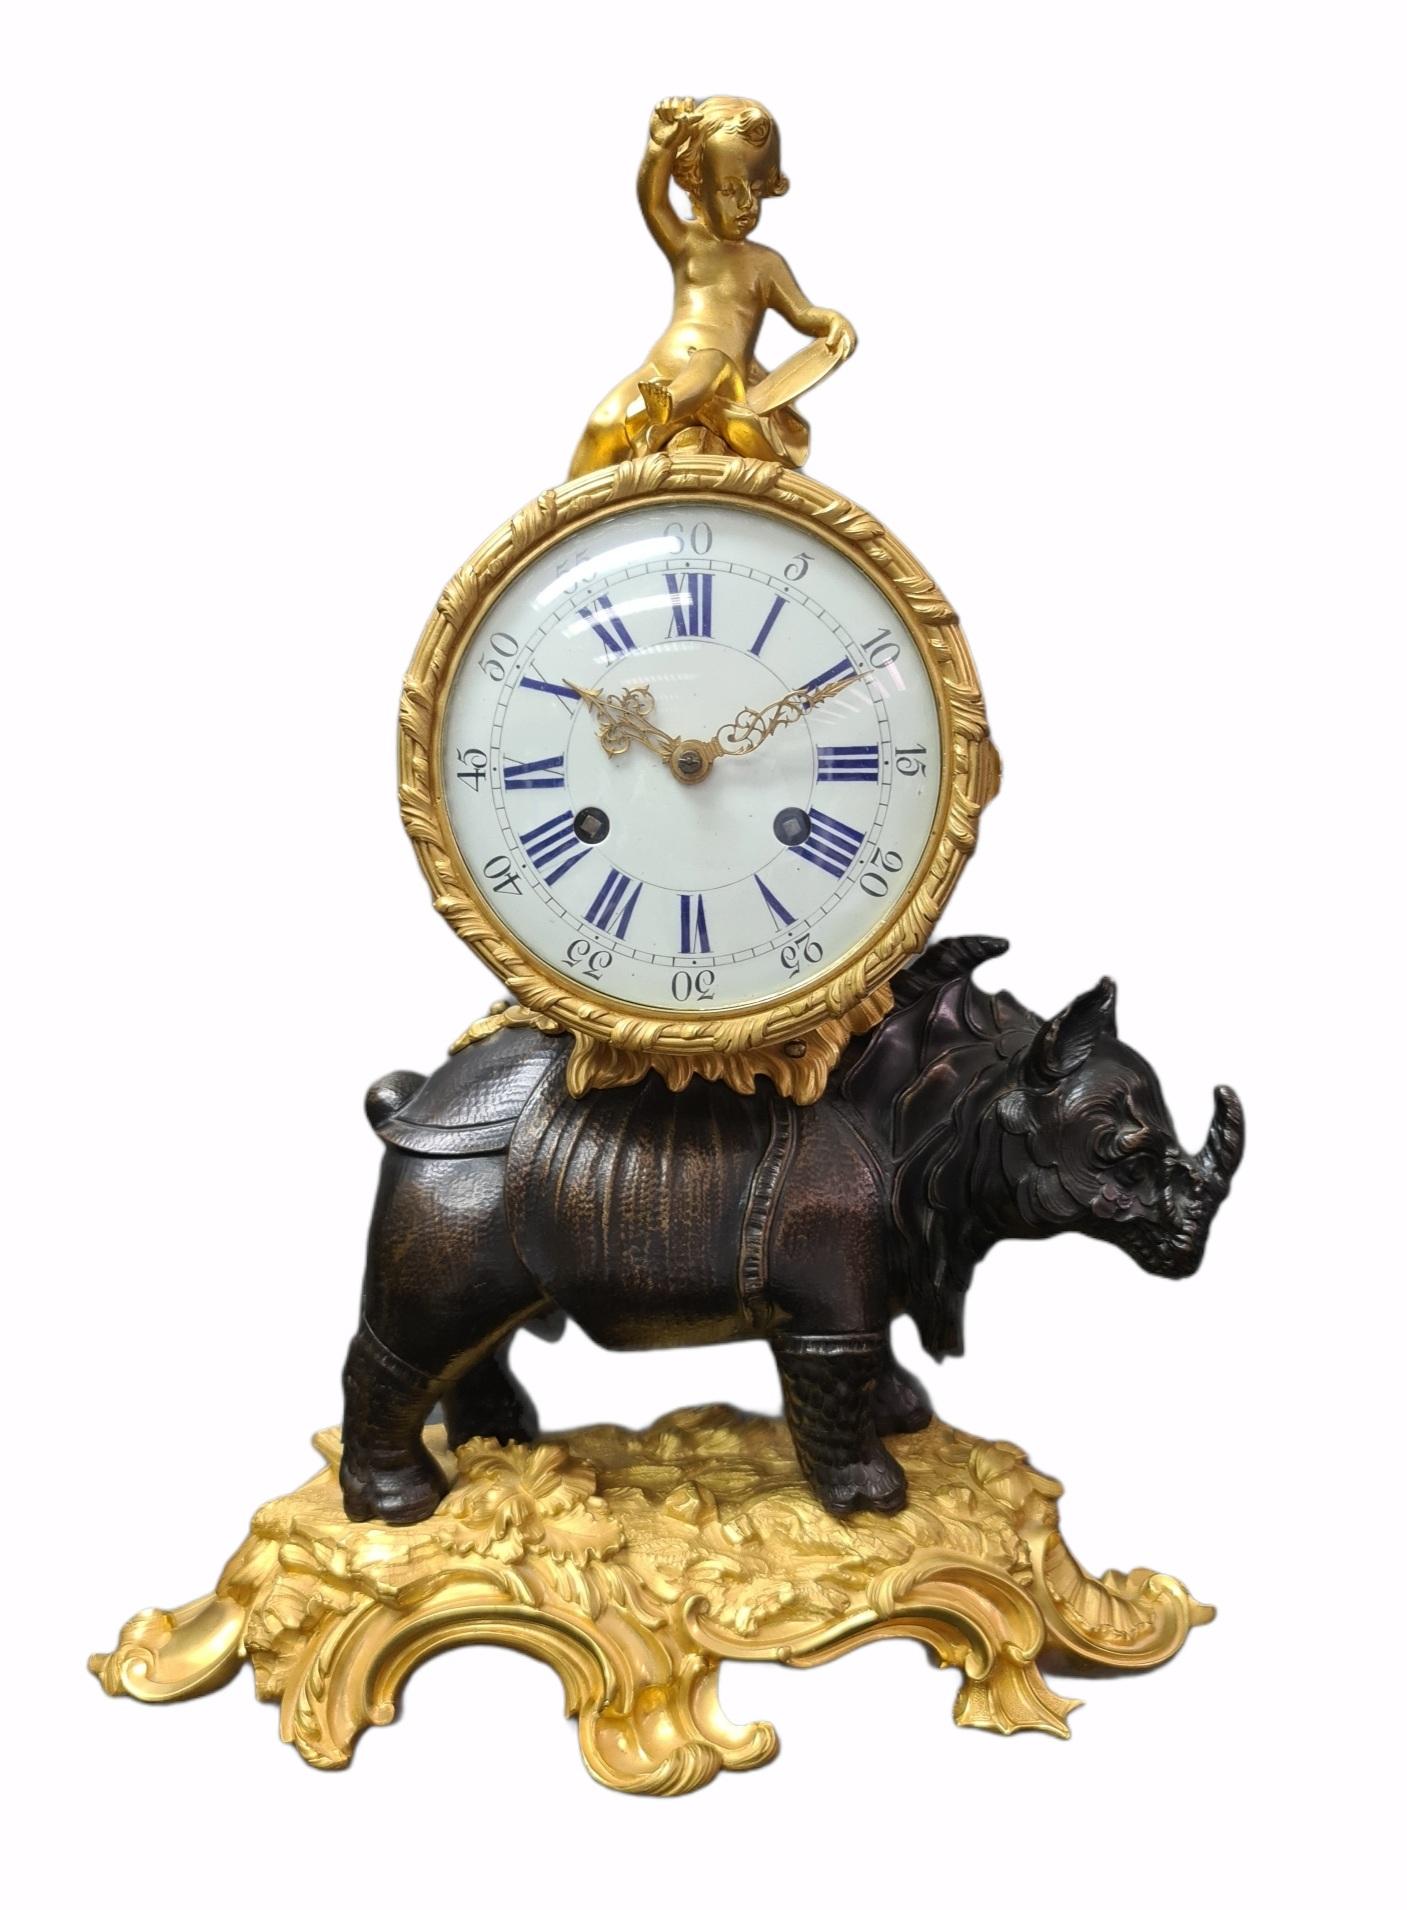 Auction Antiquités, Tableaux, Mobilier et Objets d'Art, Art Nouveau, Art Déco at MJV SOUDANT : 397 lots